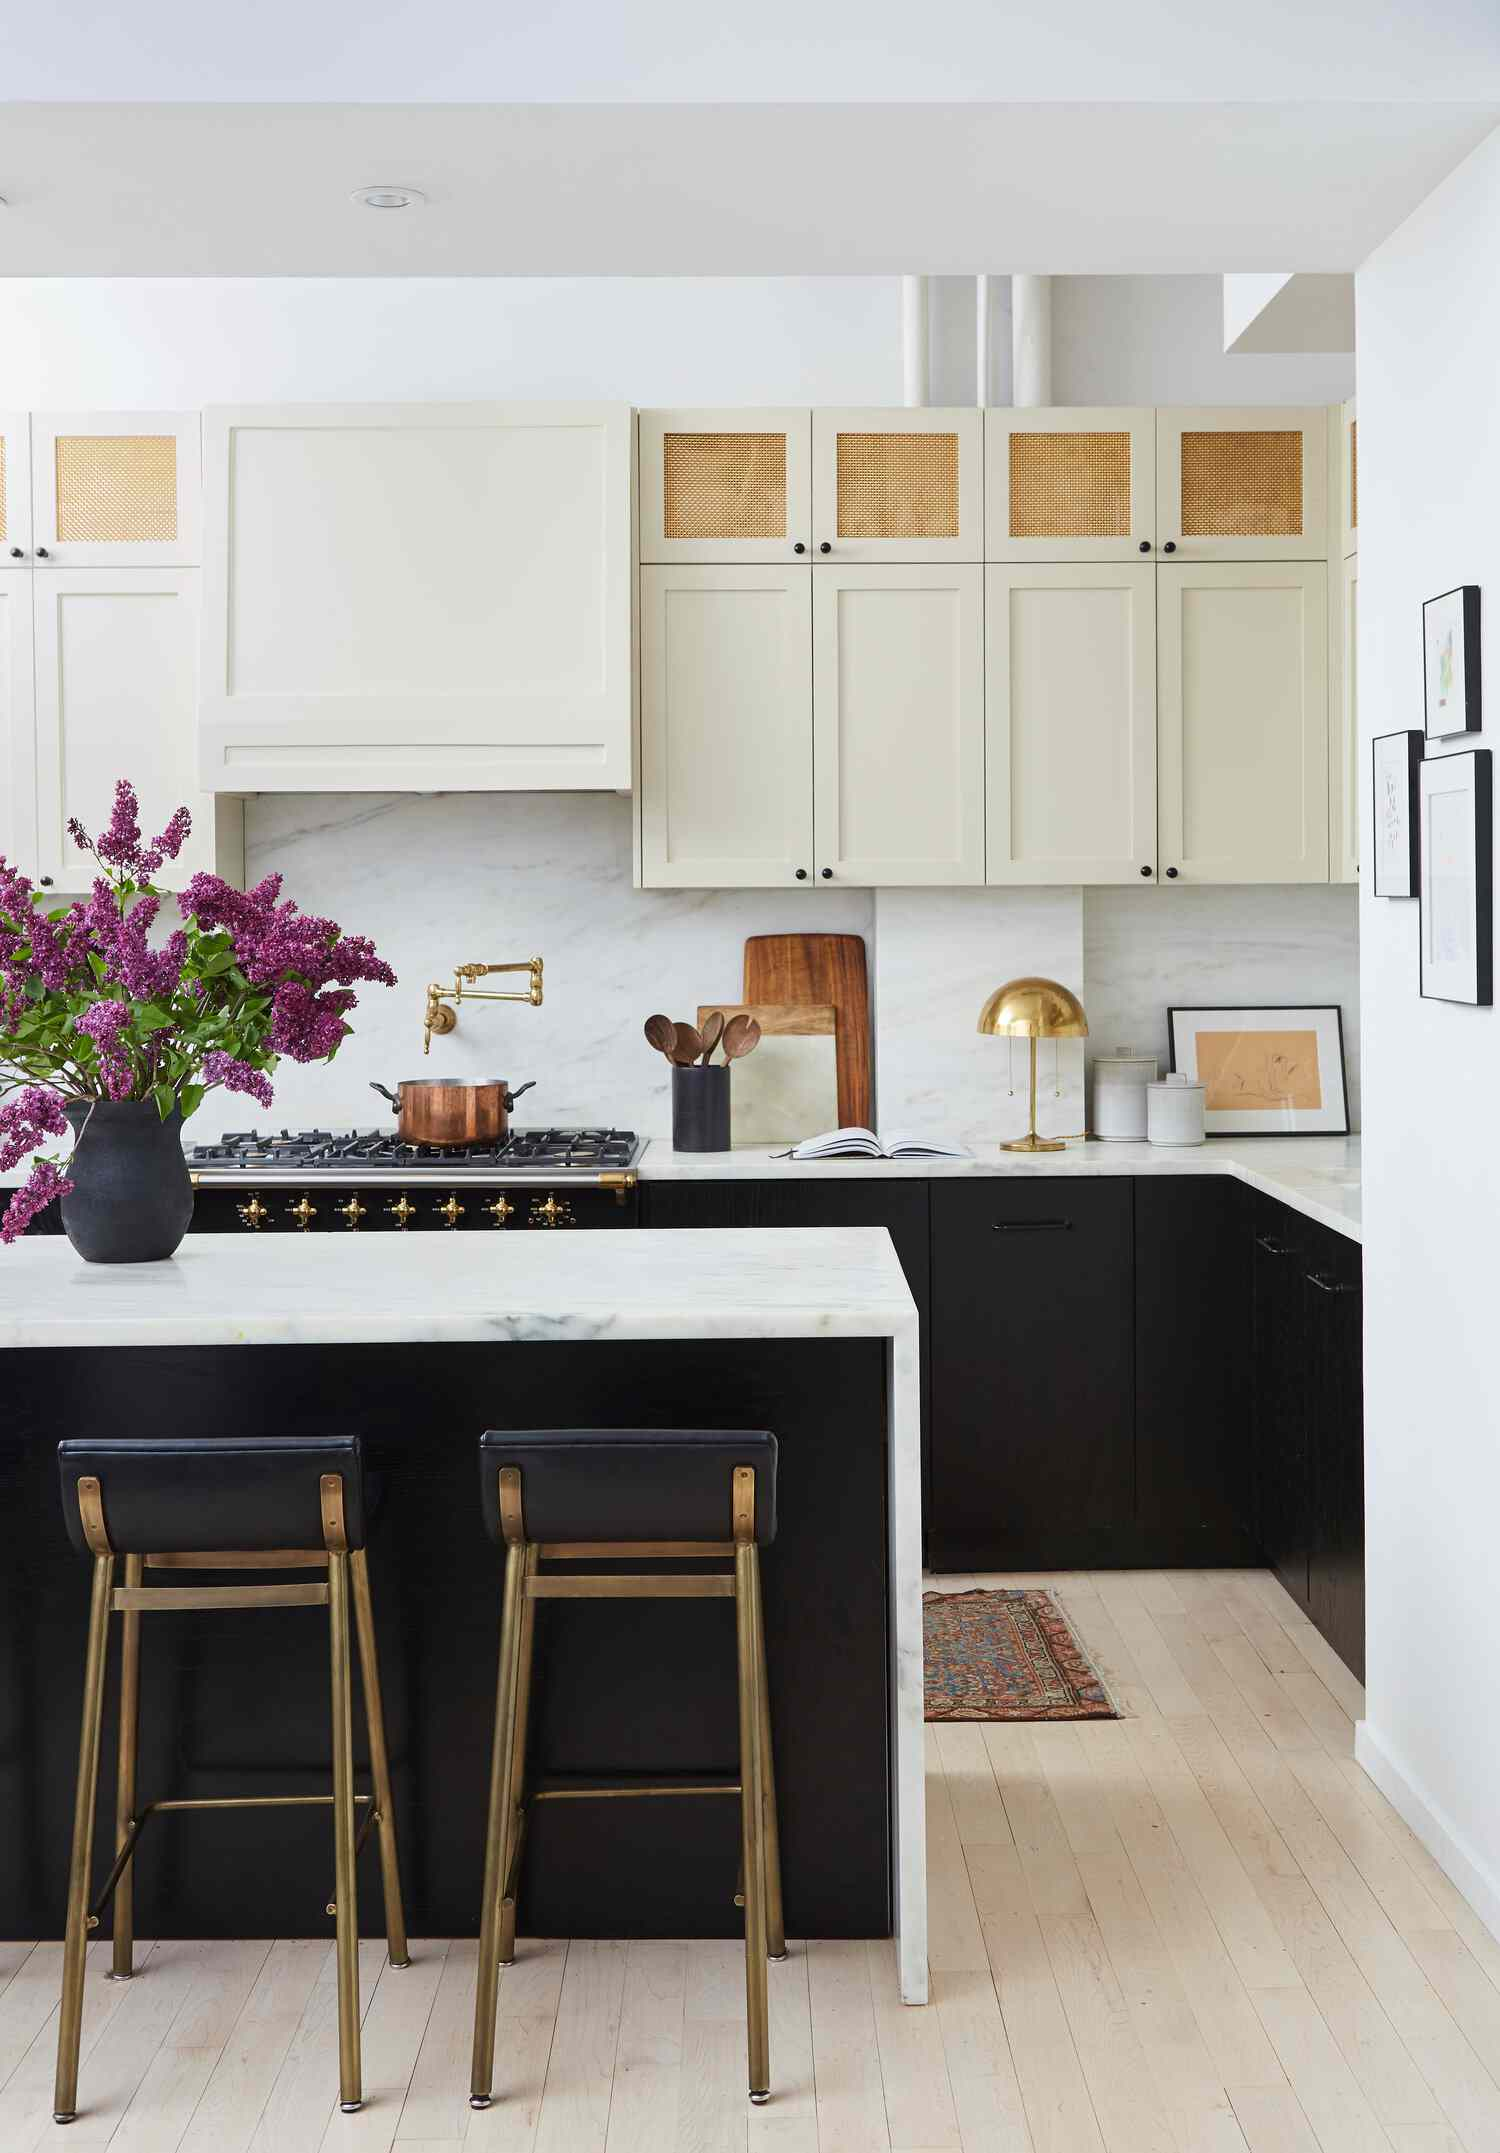 best kitchen ideas - black and cream kitchen with homey touches